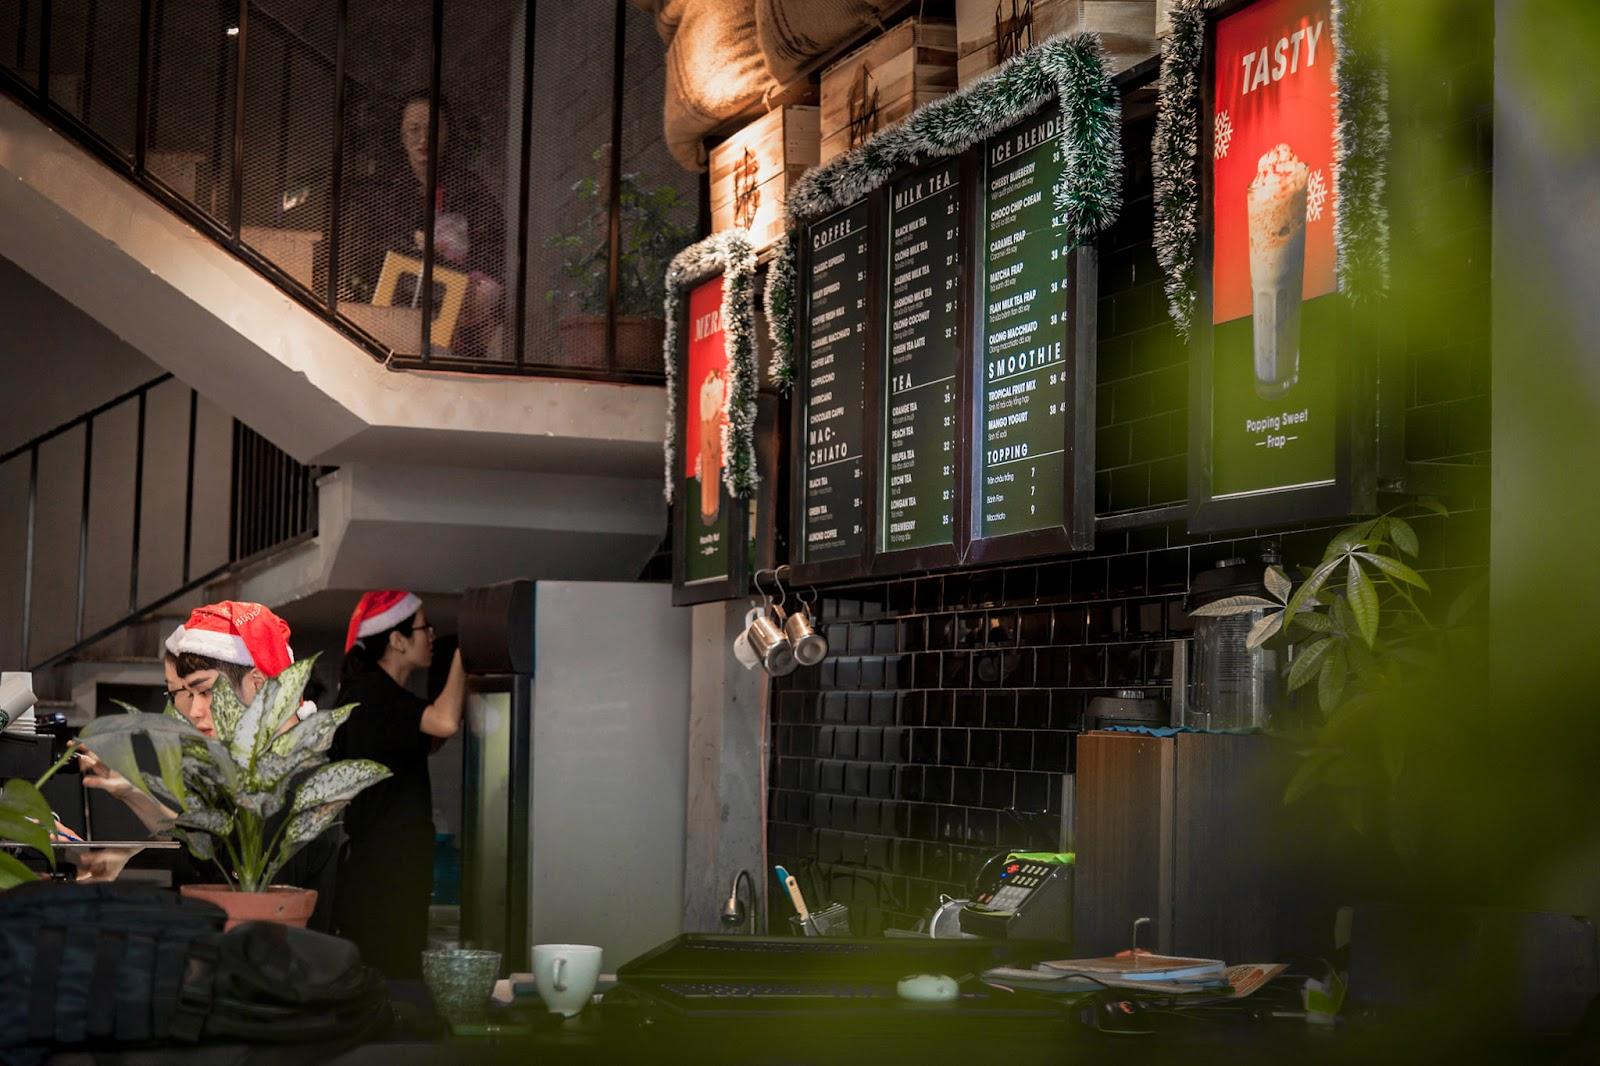 THƯ GIÃN TẠI 5 QUÁN CAFE PHONG CÁCH TỐI GIẢN Ở QUY NHƠN 33